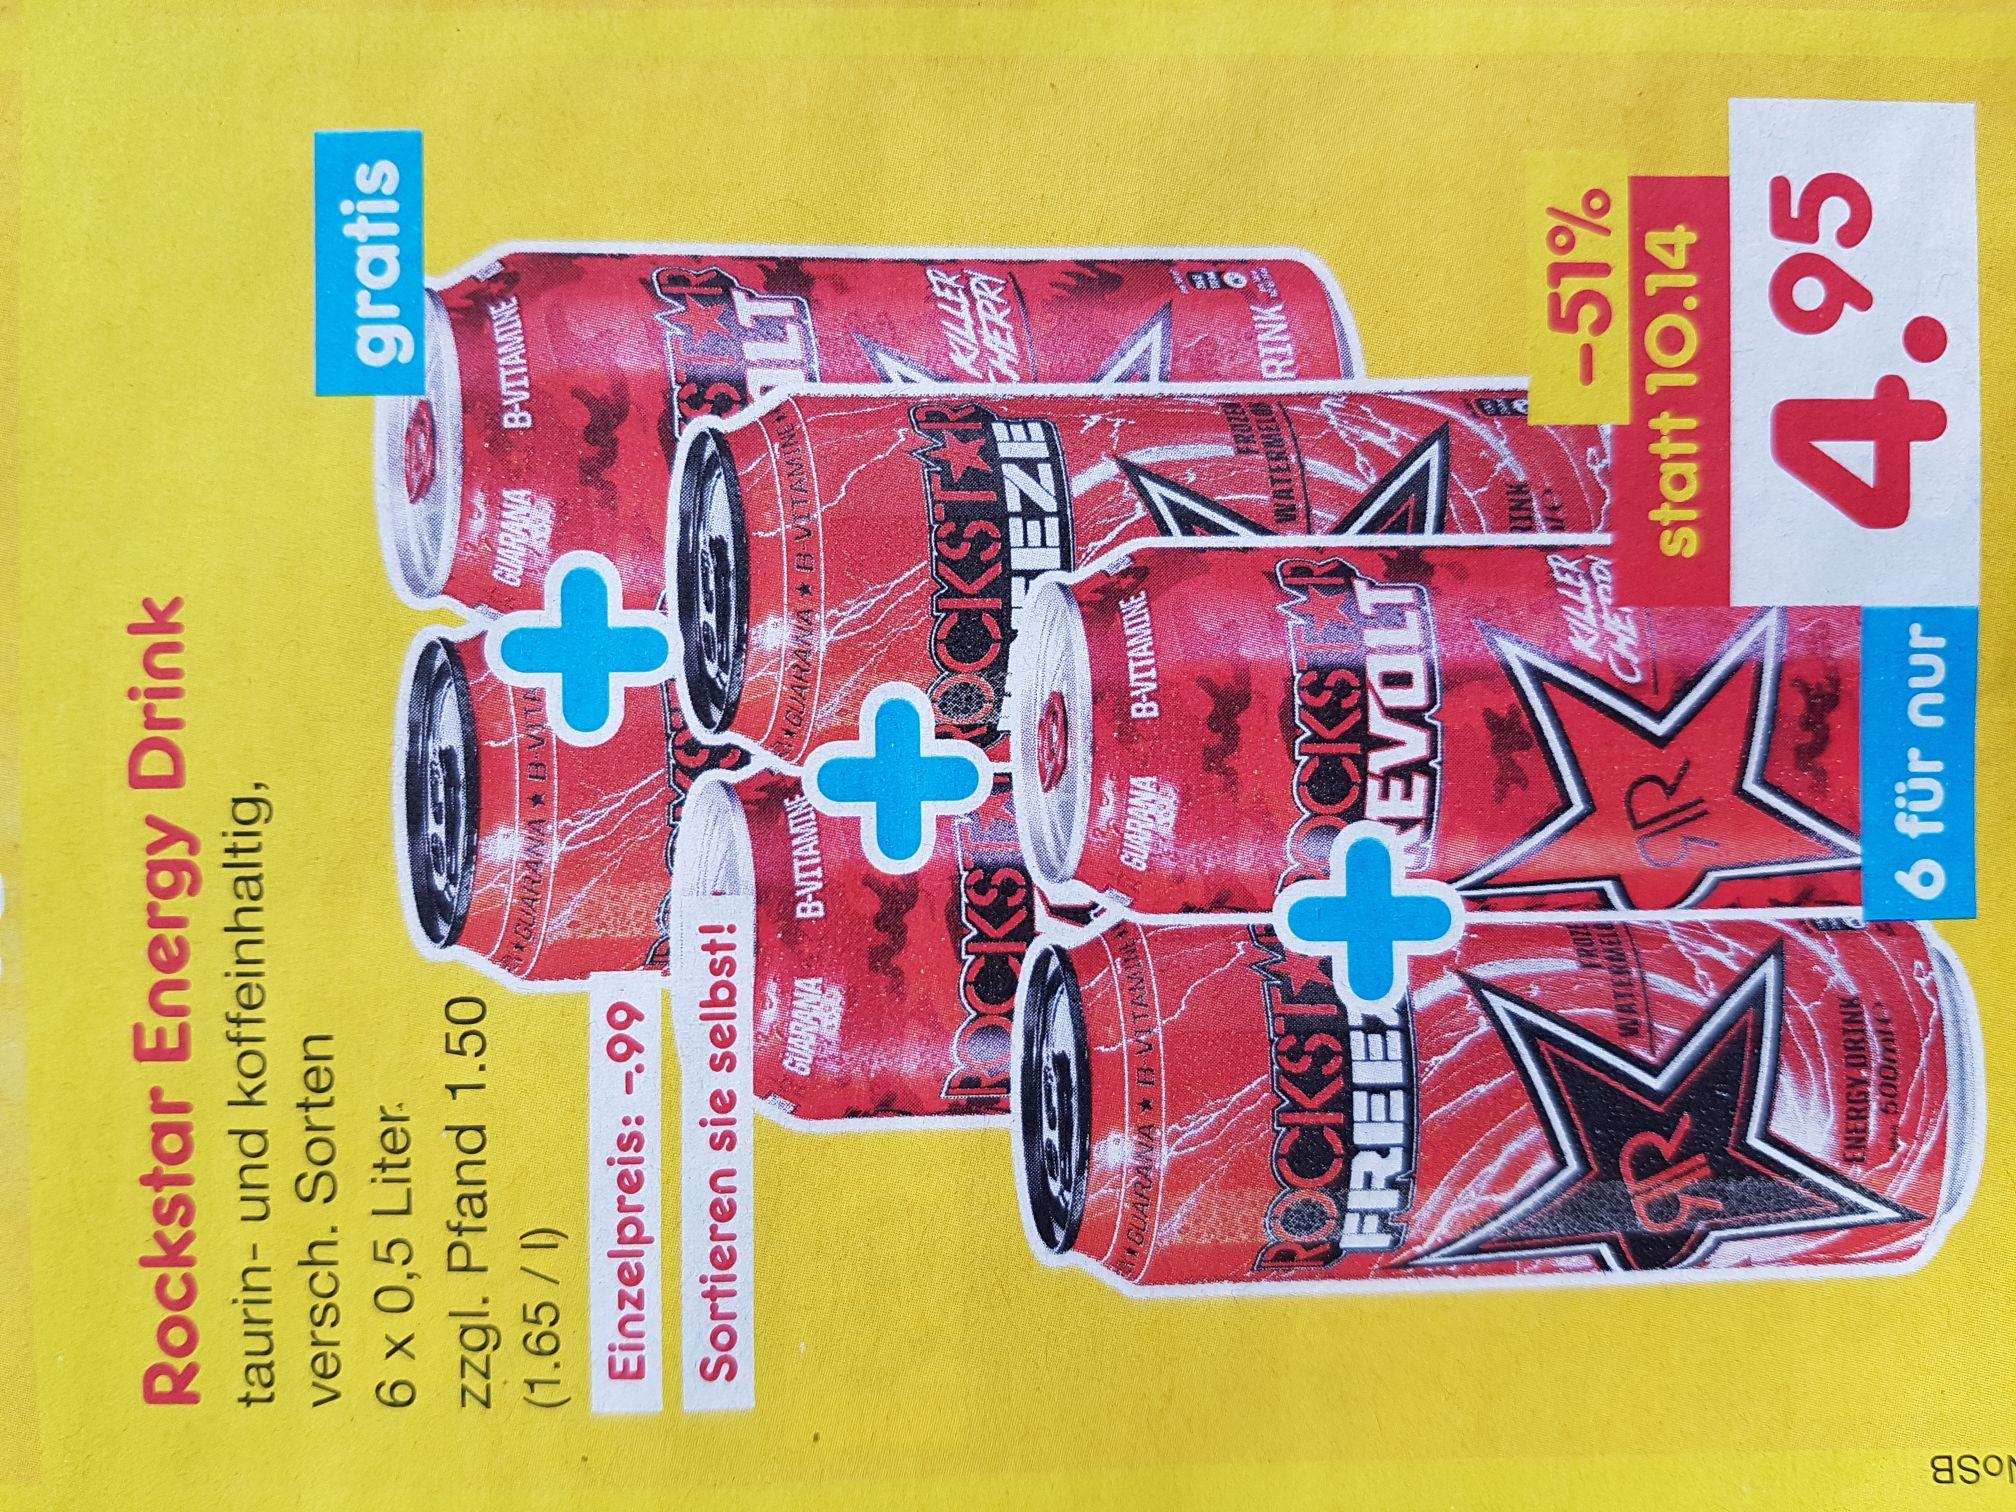 [Netto Marken-Discound evtl. Raum HH] 6 Dosen Rockstar Energy-Drink für 4,95 € / 0,83€ pro Dose